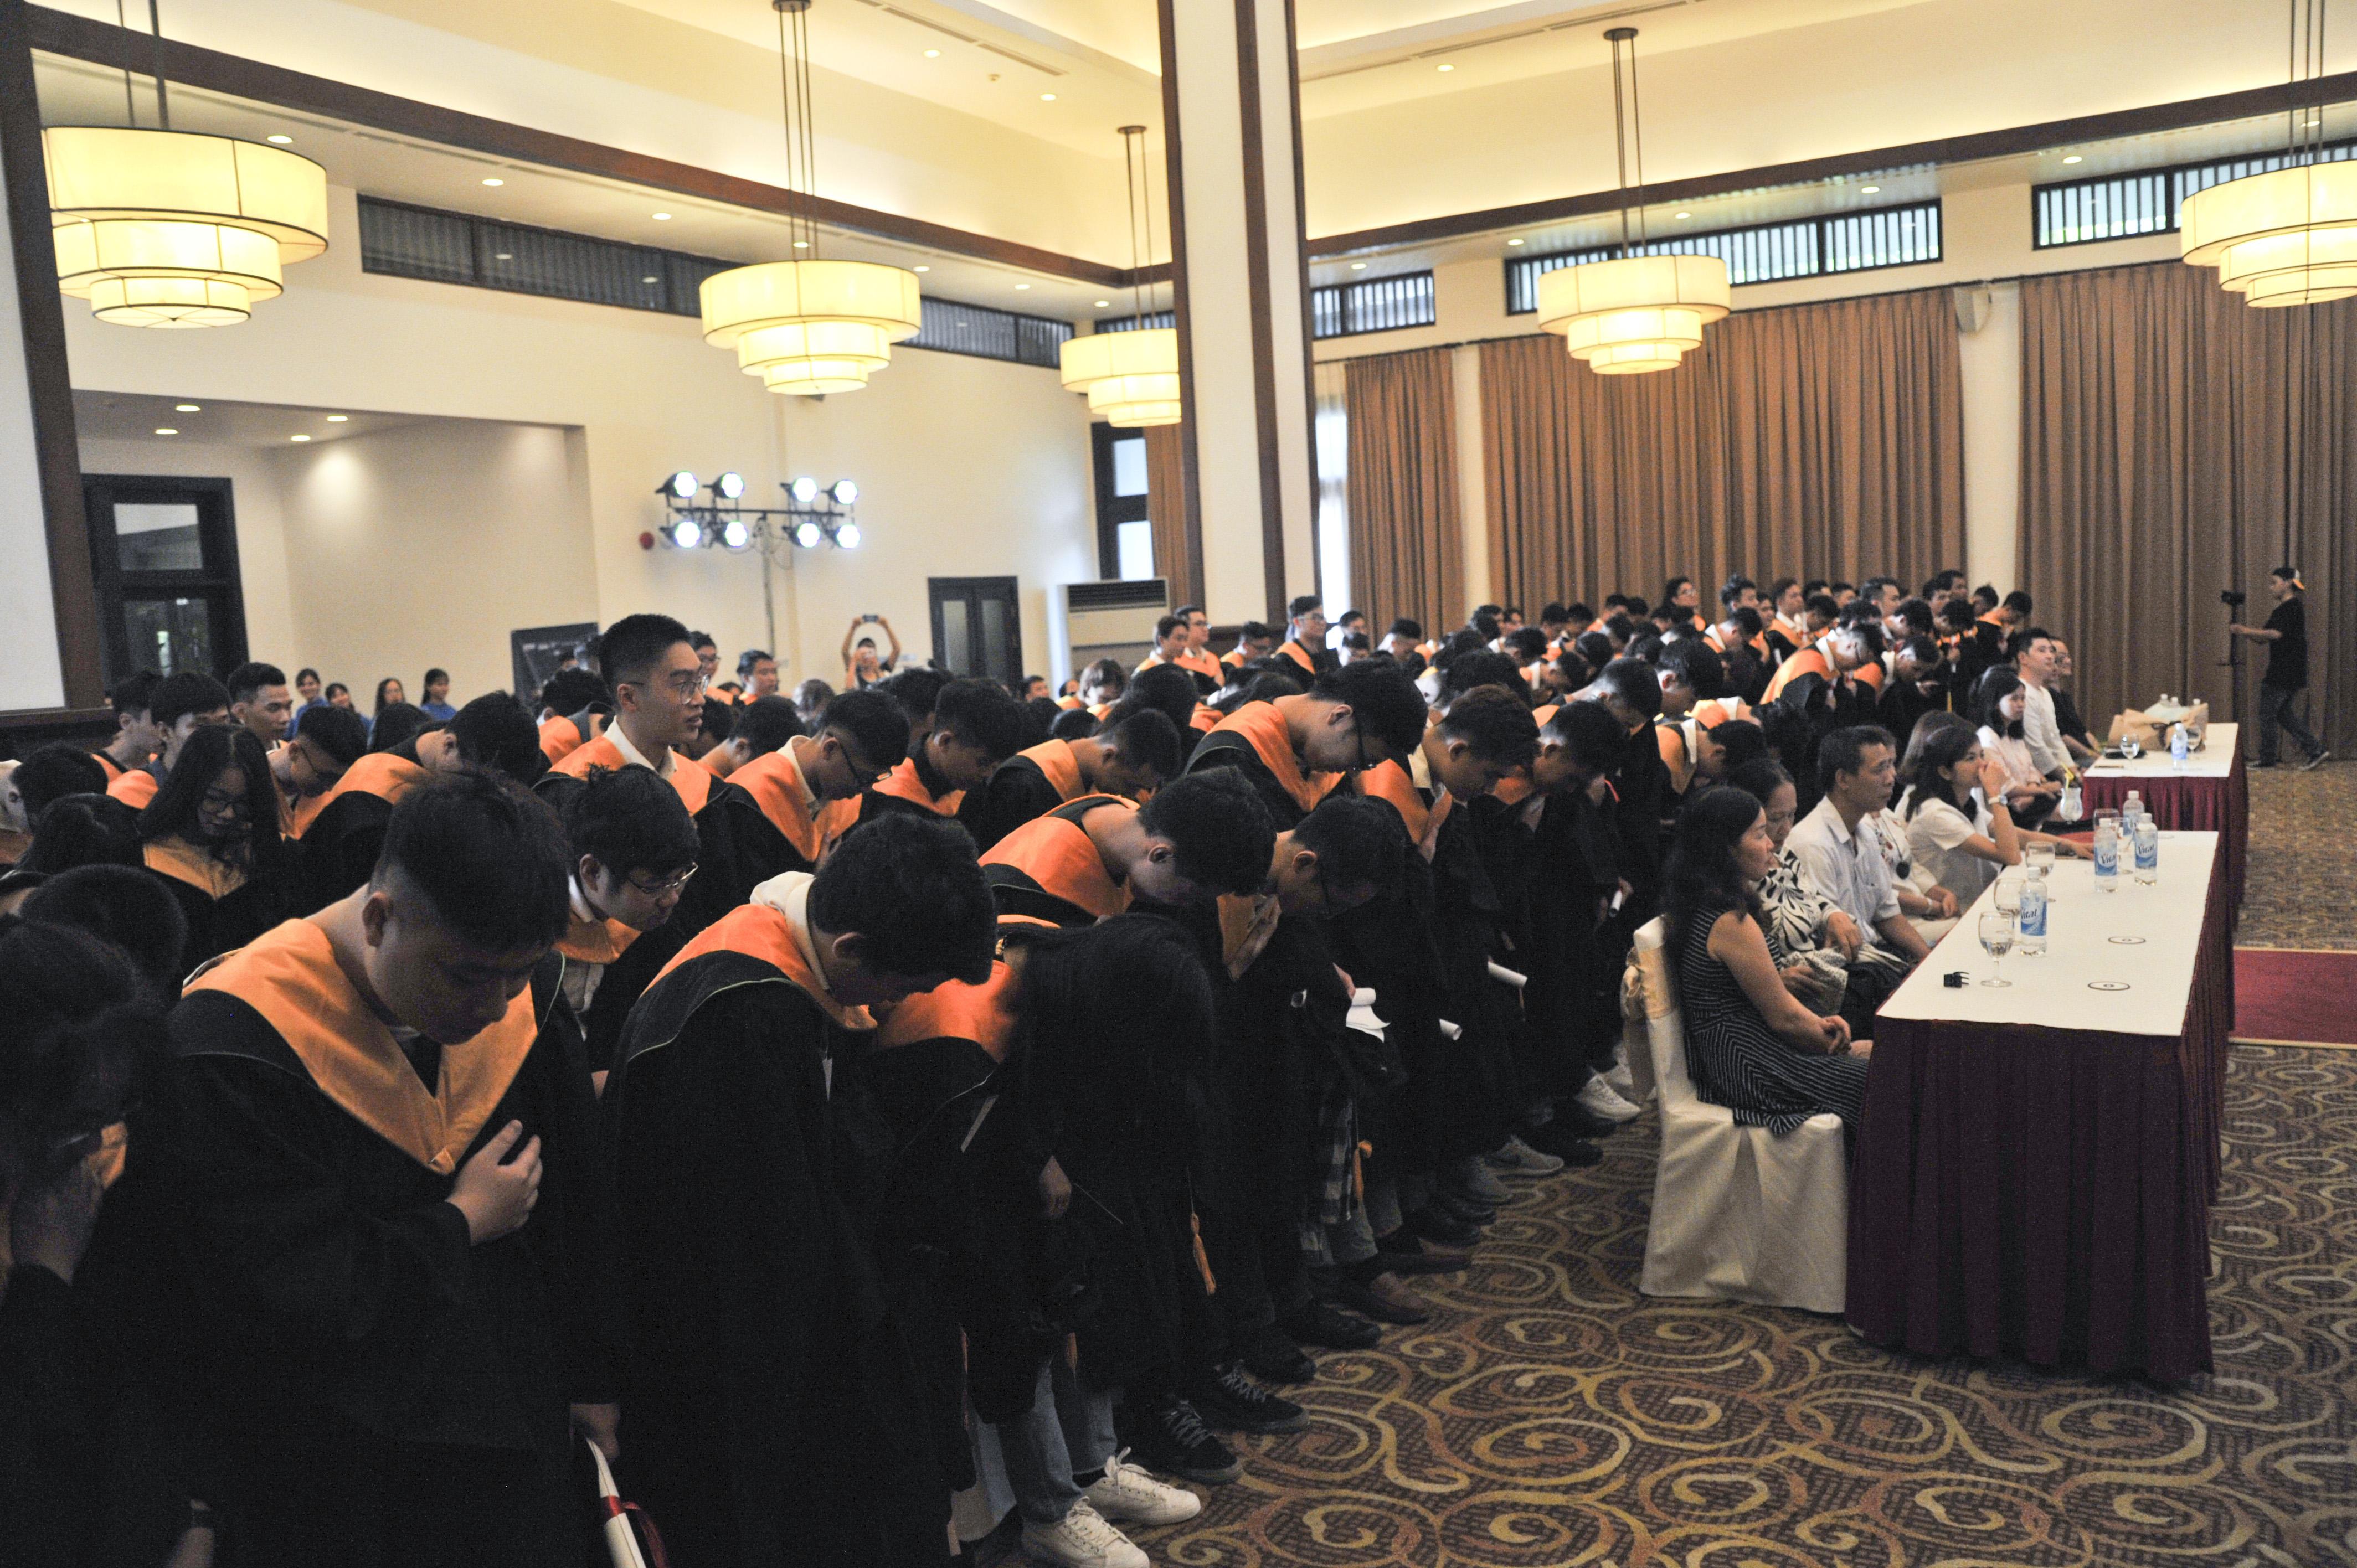 """Sau cùng, chương trình khép lại với nghi thức """"Cảm ơn"""" của các sinh viên giành cho toàn thể giảng viên và chính phụ huynh của mình.Gần 200 sinh viên cùng nhau tháo mũ, cầm trên tay và cúi đầu để thể hiện sự biết ơn với đấng sinh thành và những người đã dạy dỗ mình 2 năm qua."""